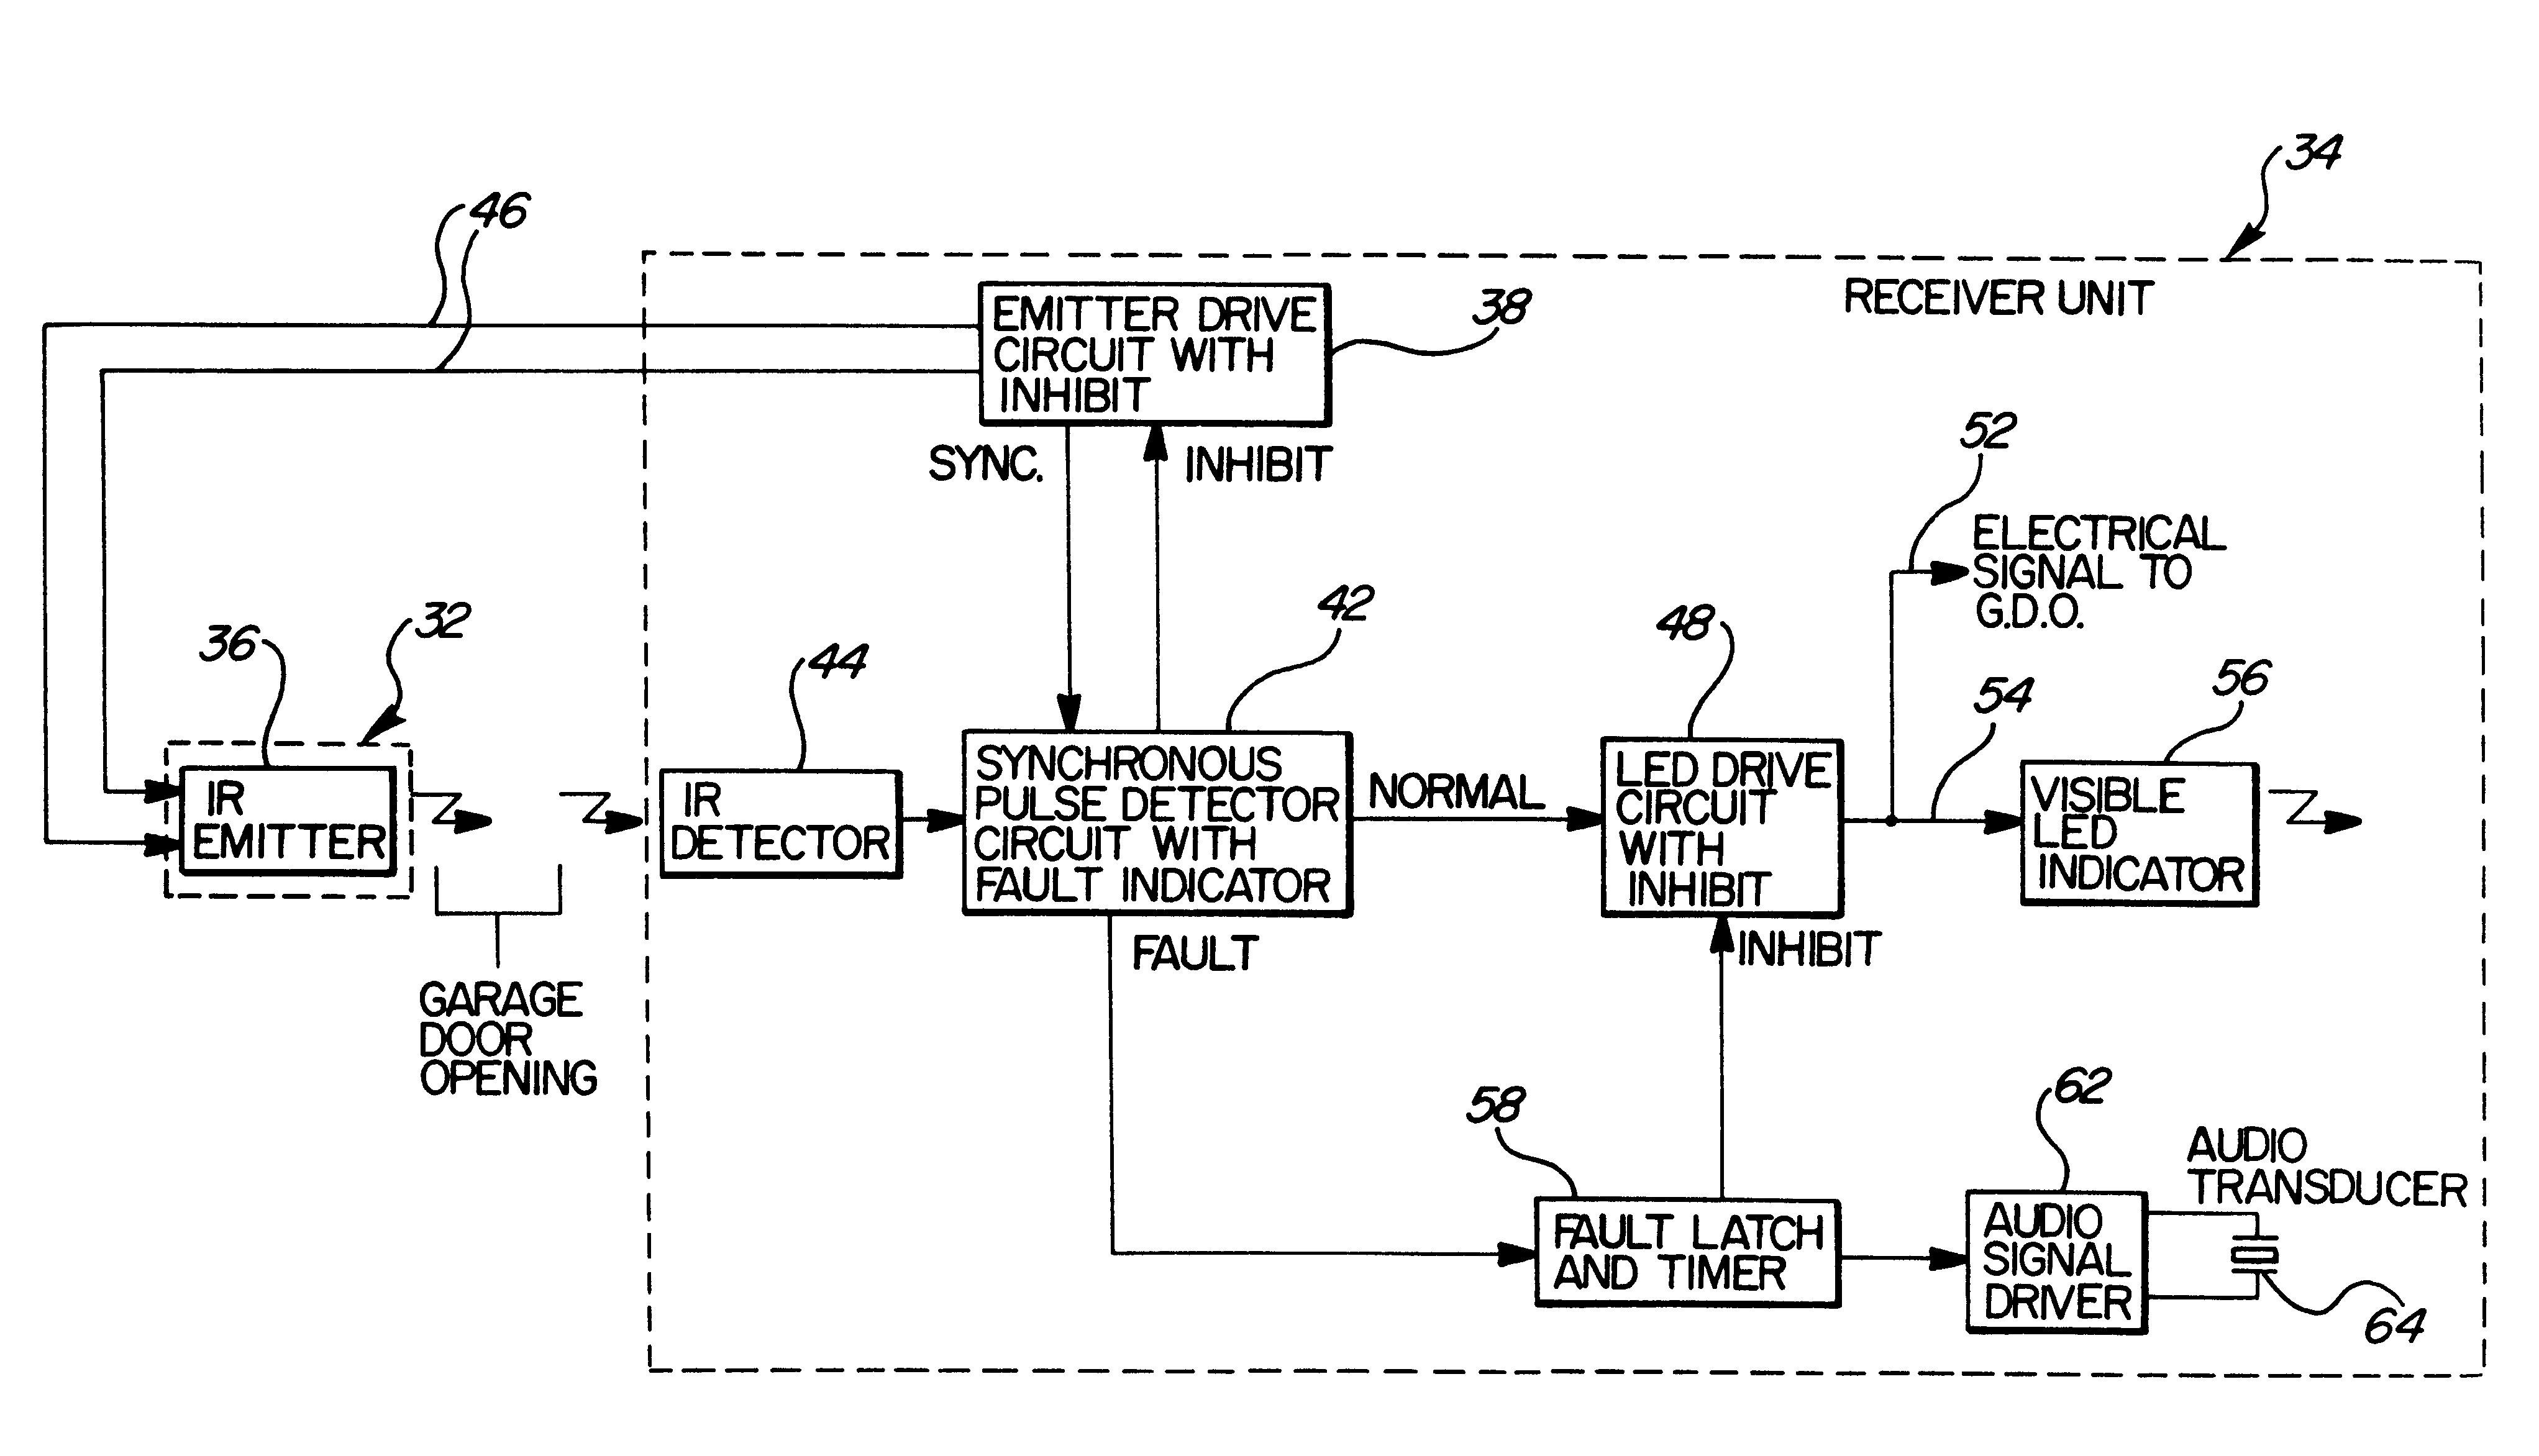 Wiring Diagram for Garage Door Opener Elegant How to Wire A Garage Diagram Diagram